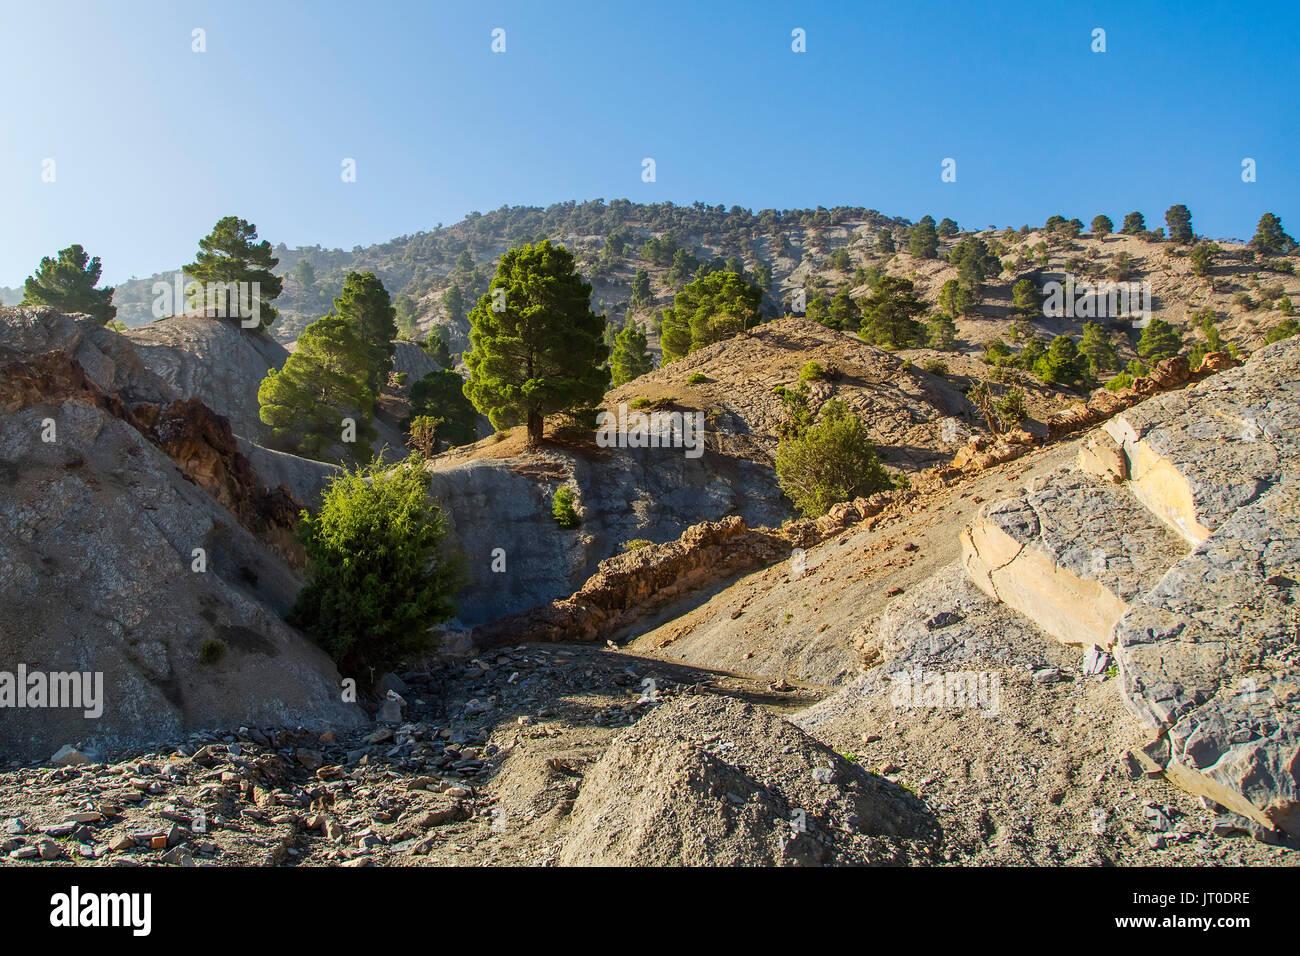 Pino y paisaje de montaña. El Alto Atlas. Marruecos, Magreb, África del Norte Foto de stock